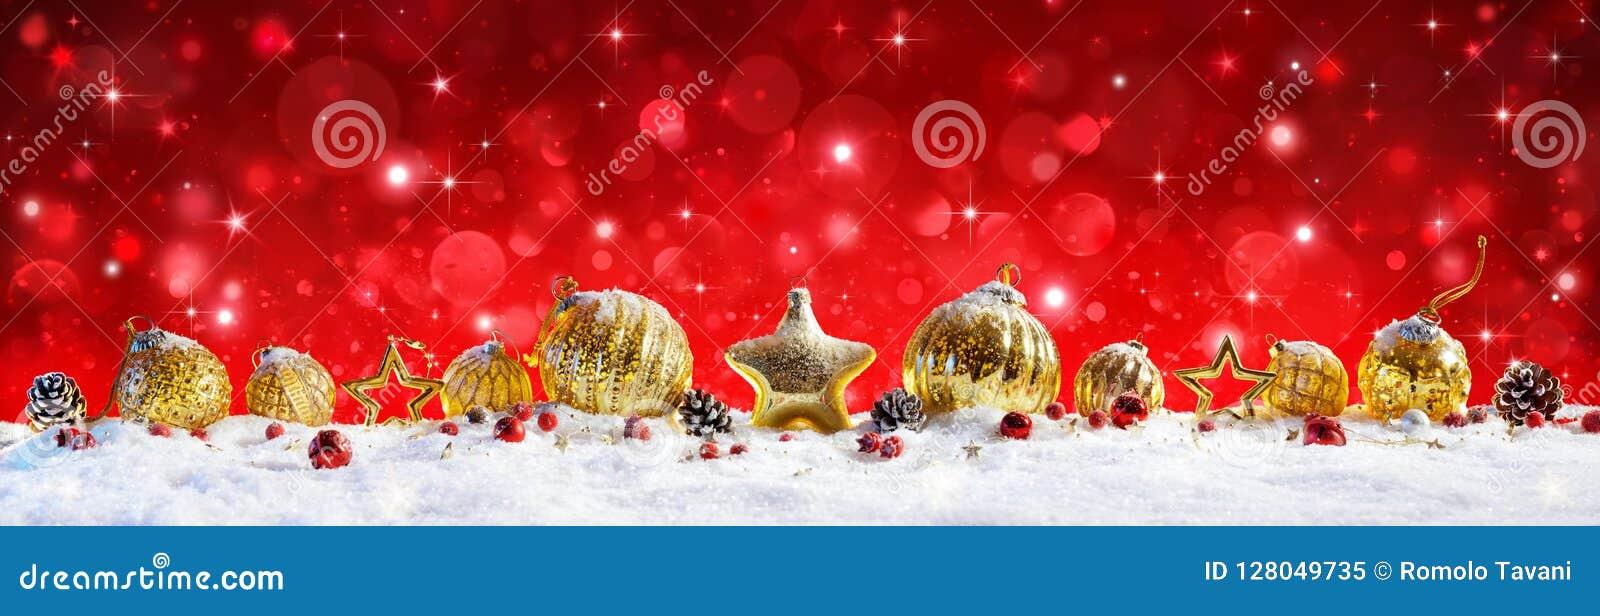 Rote Weihnachtsfahne - goldene Bälle und Flitter